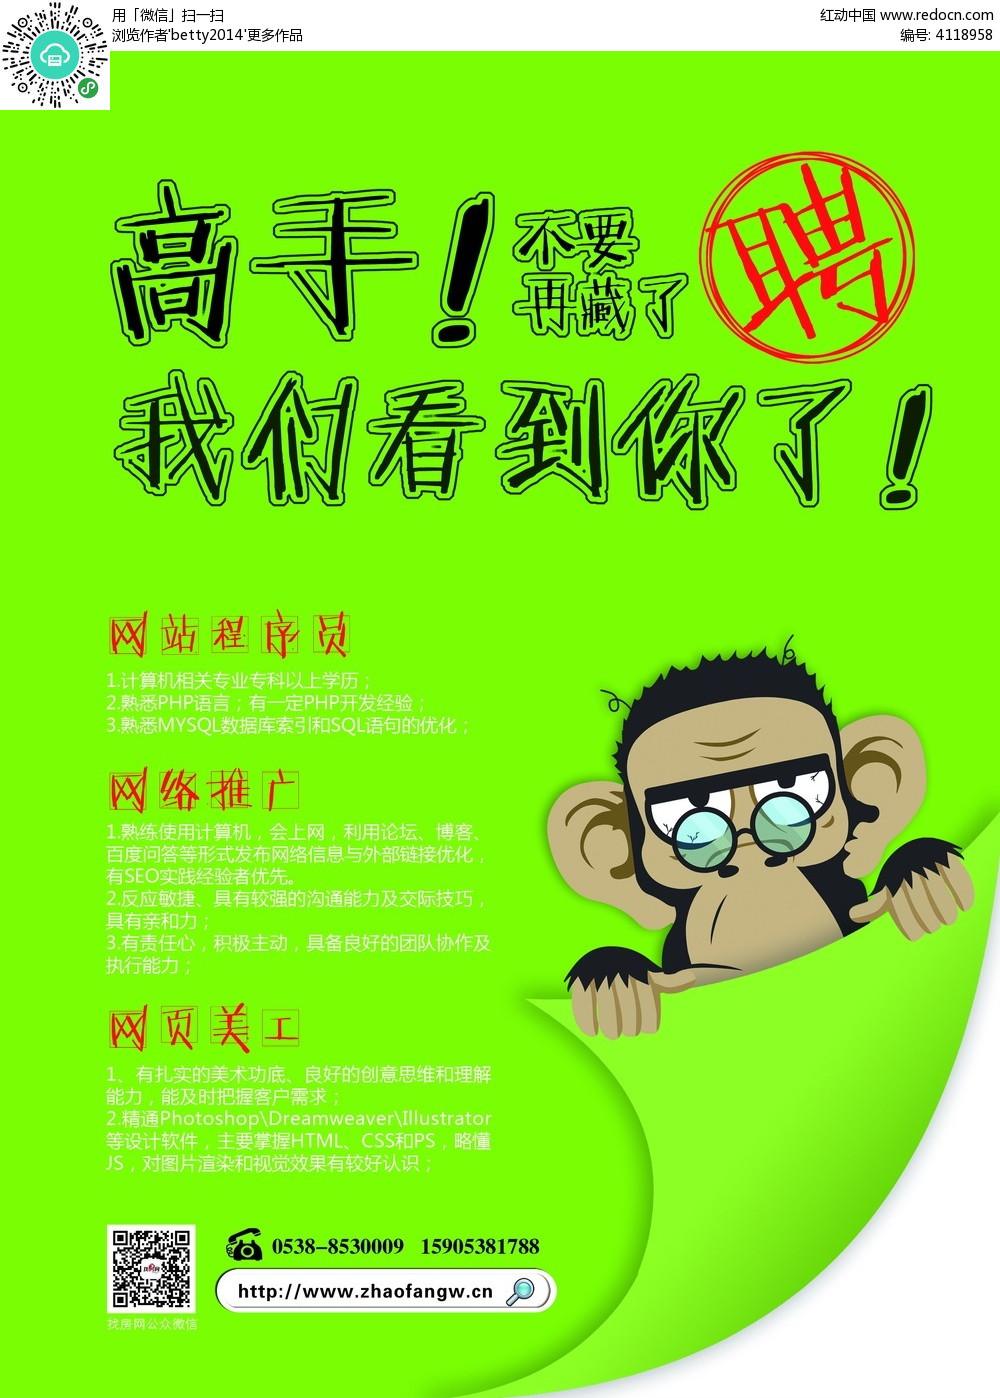 免费素材 psd素材 psd广告设计模板 海报设计 创意招聘绿色海报  请您